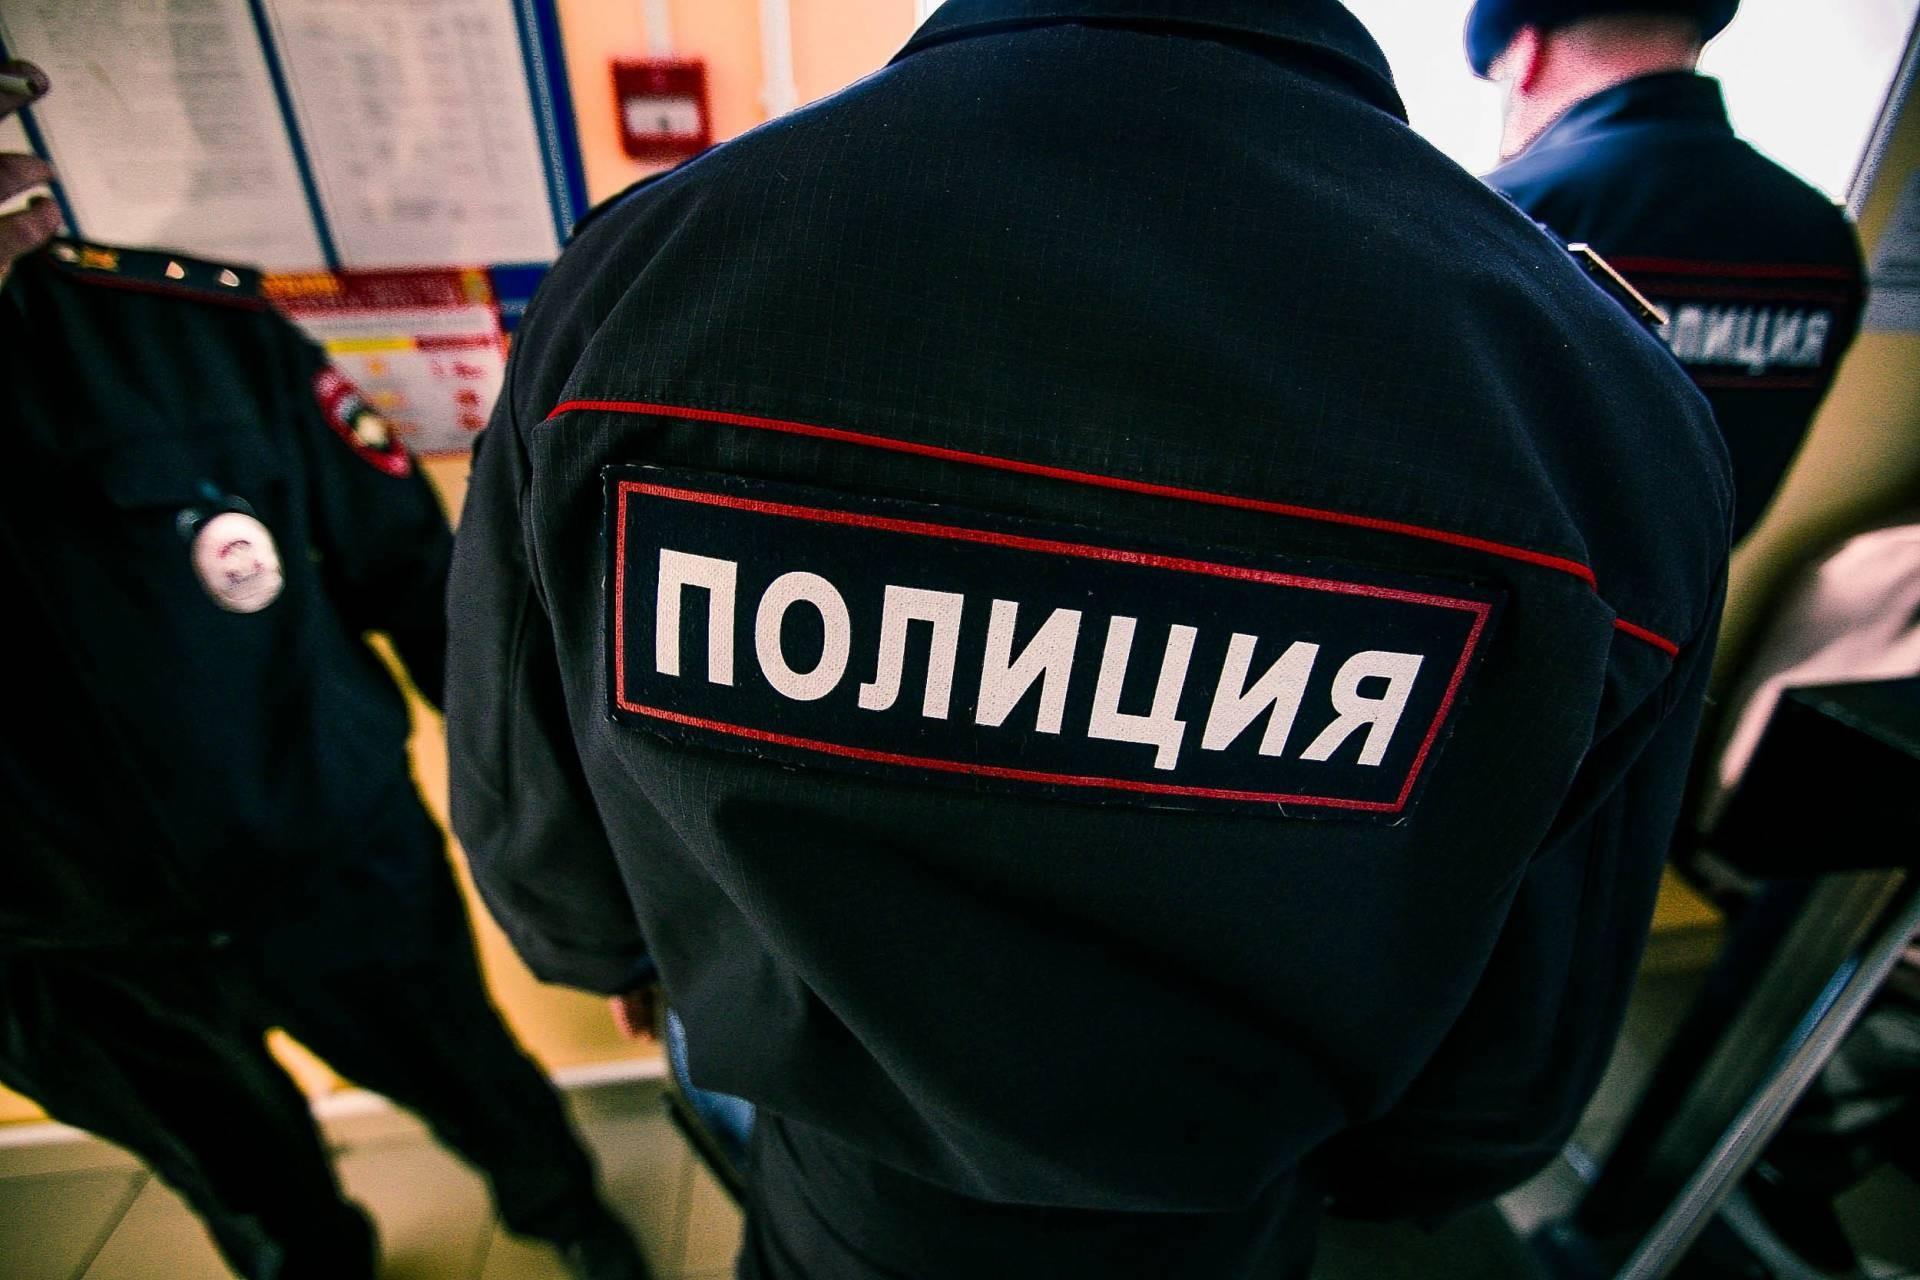 Тагильчанин скончался в клинике после допроса в милиции Нижнего Тагила